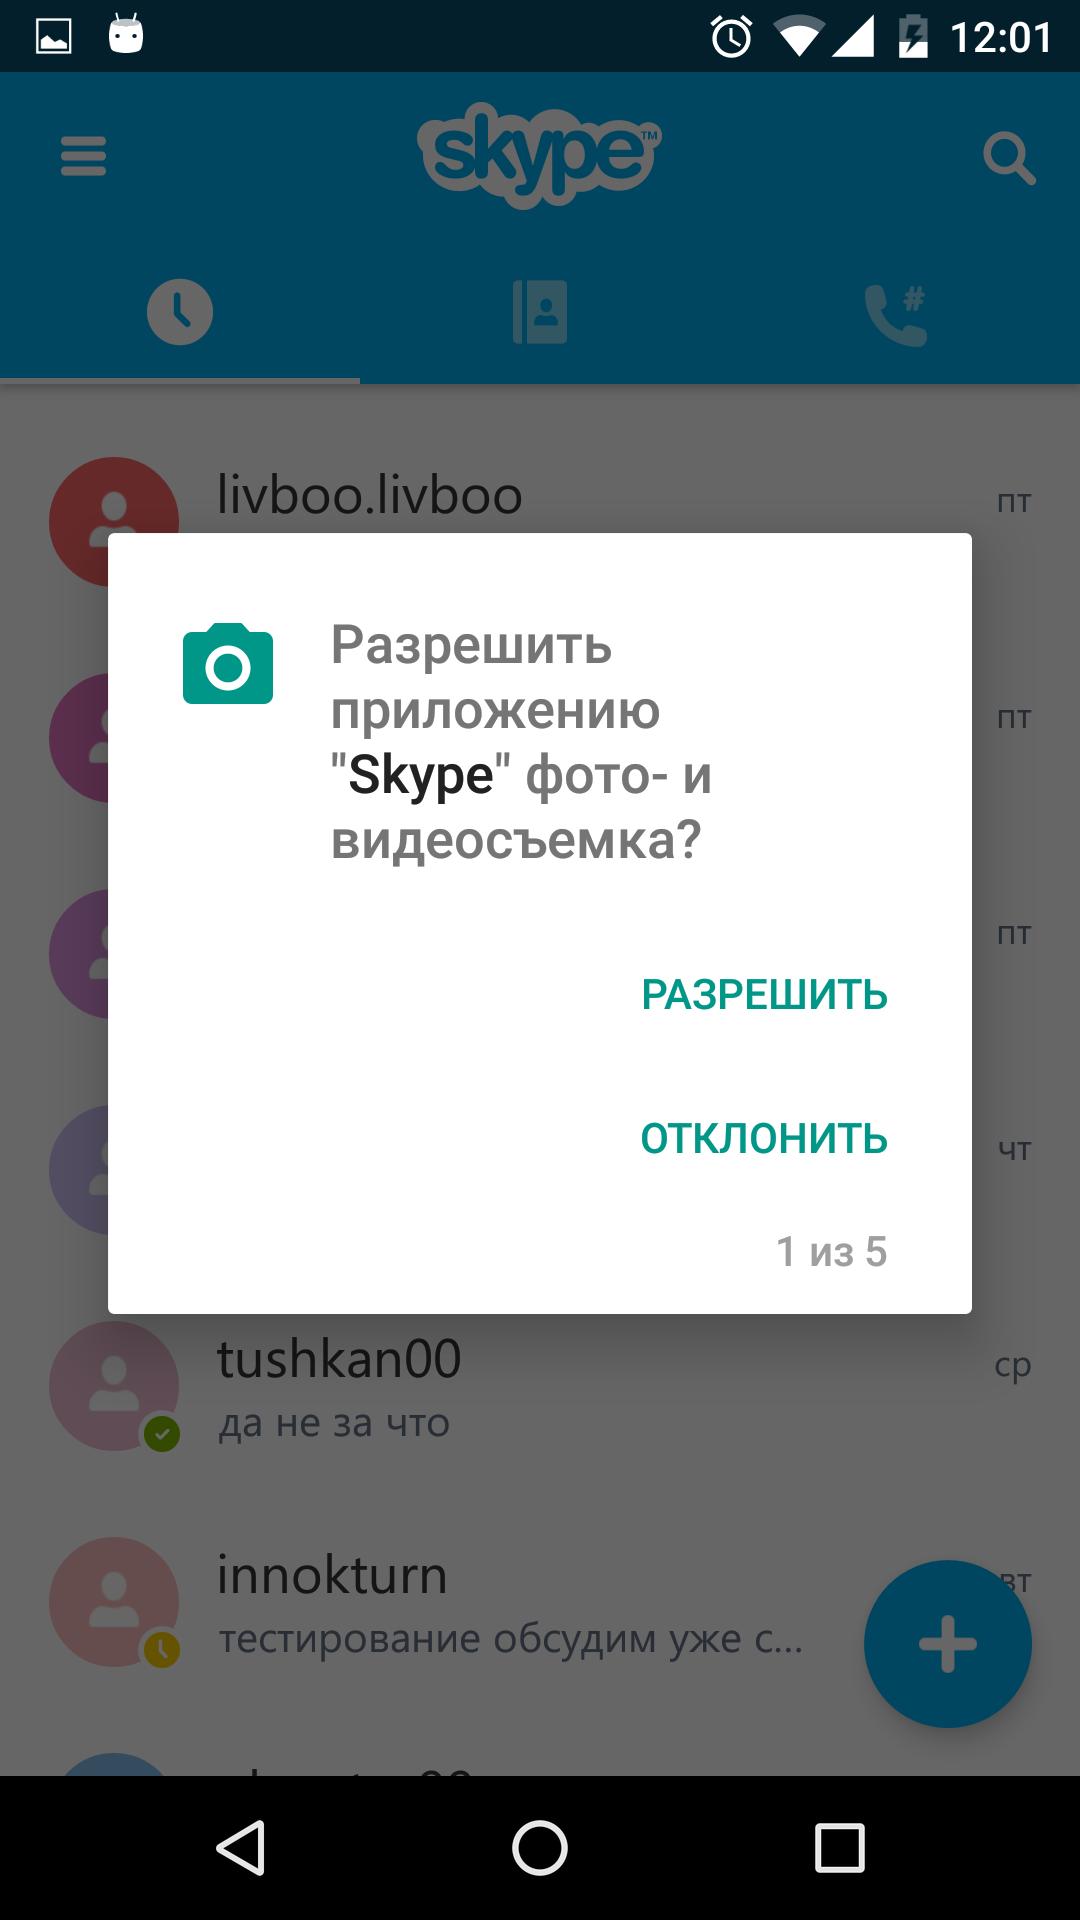 Запрос скайпа 1